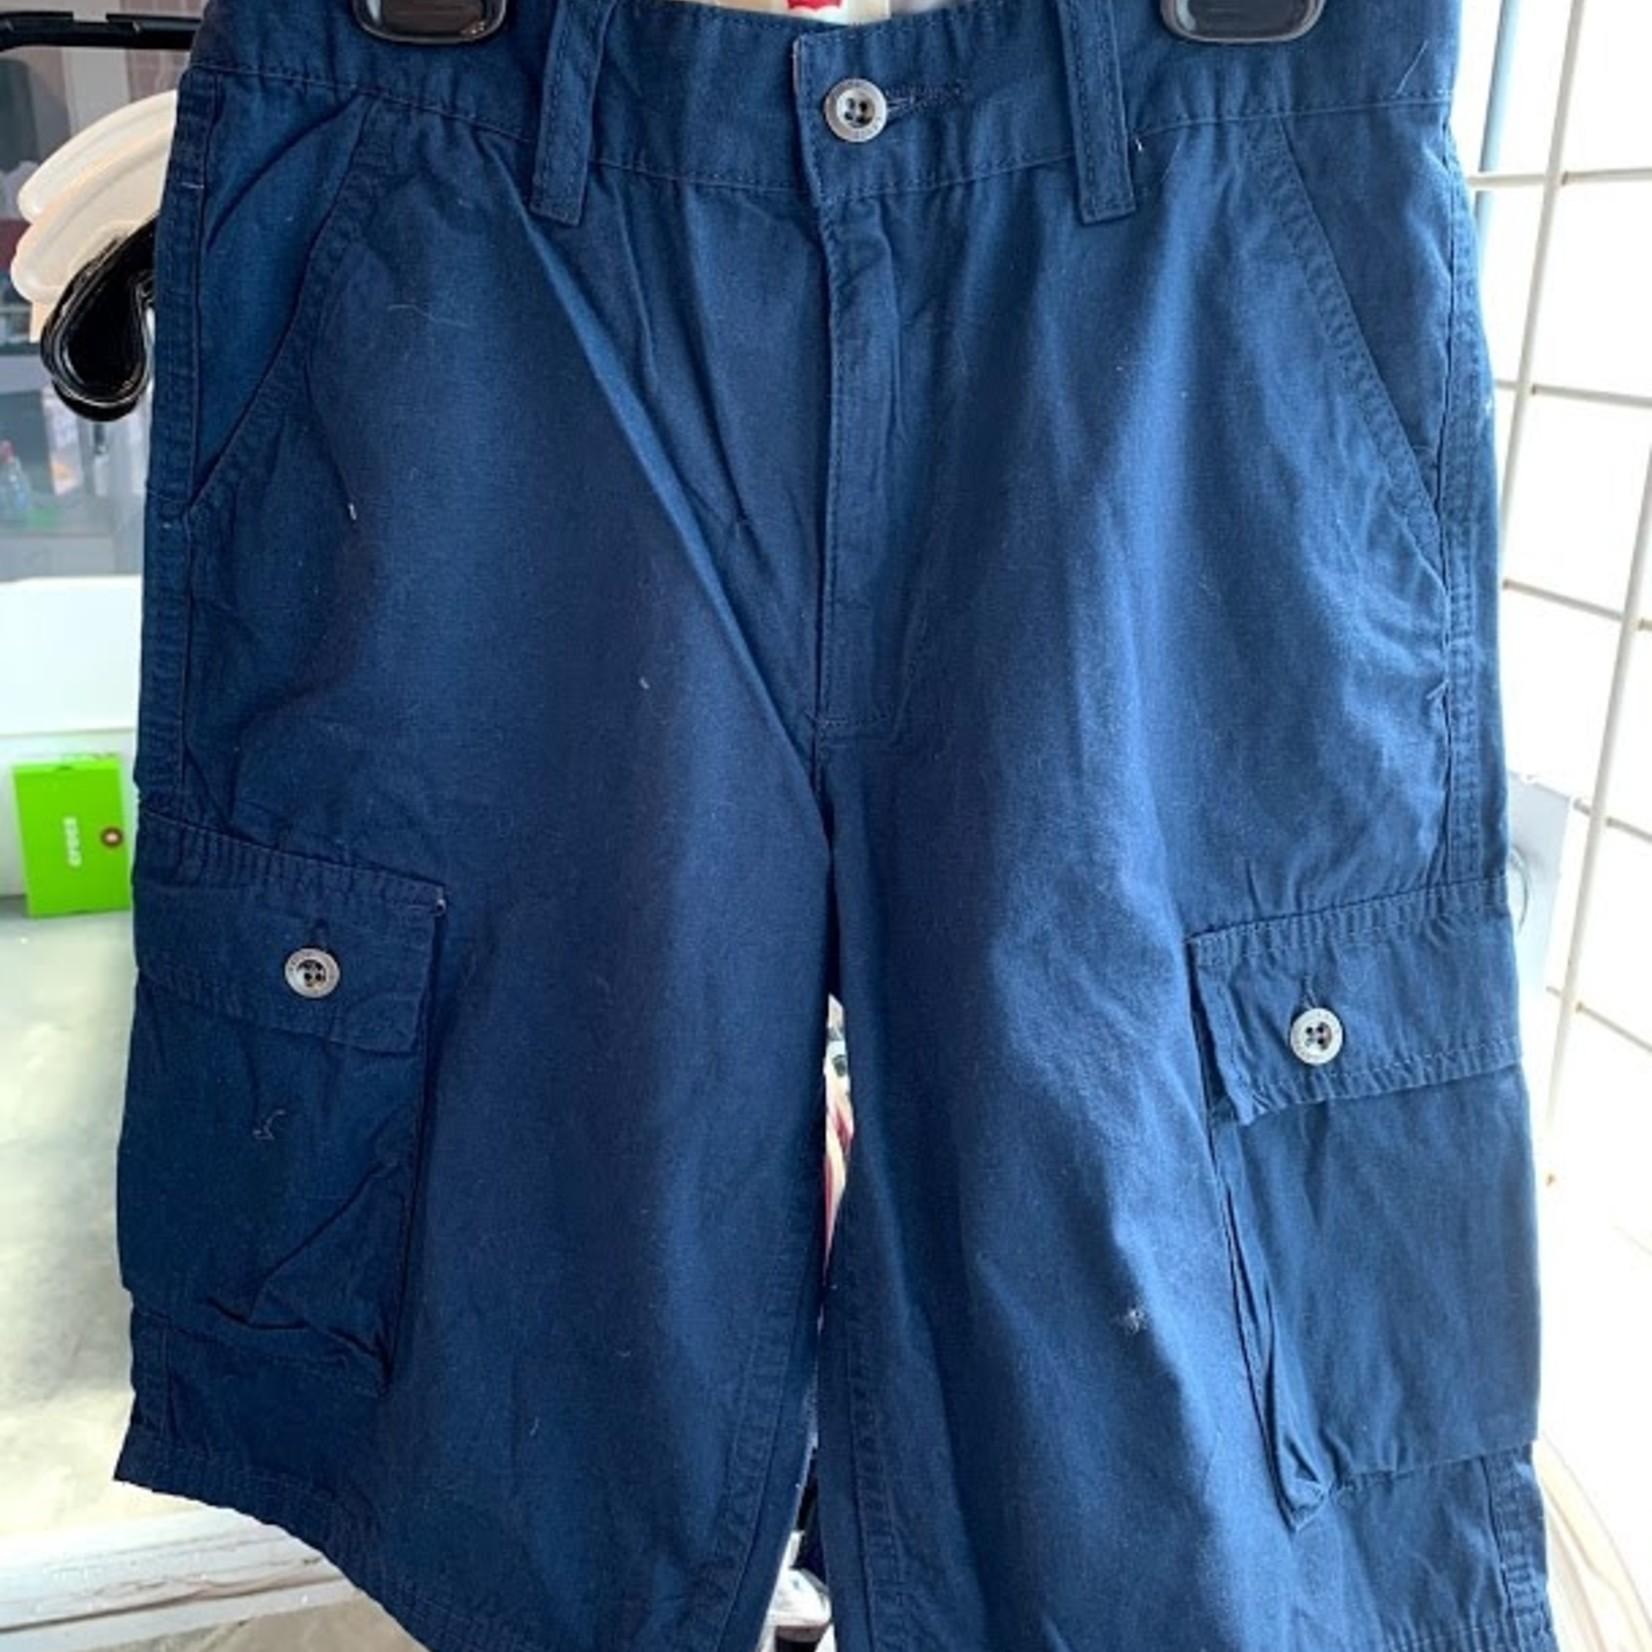 Levi's  Cargo Boy's Shorts NAVY Size 8 Regular